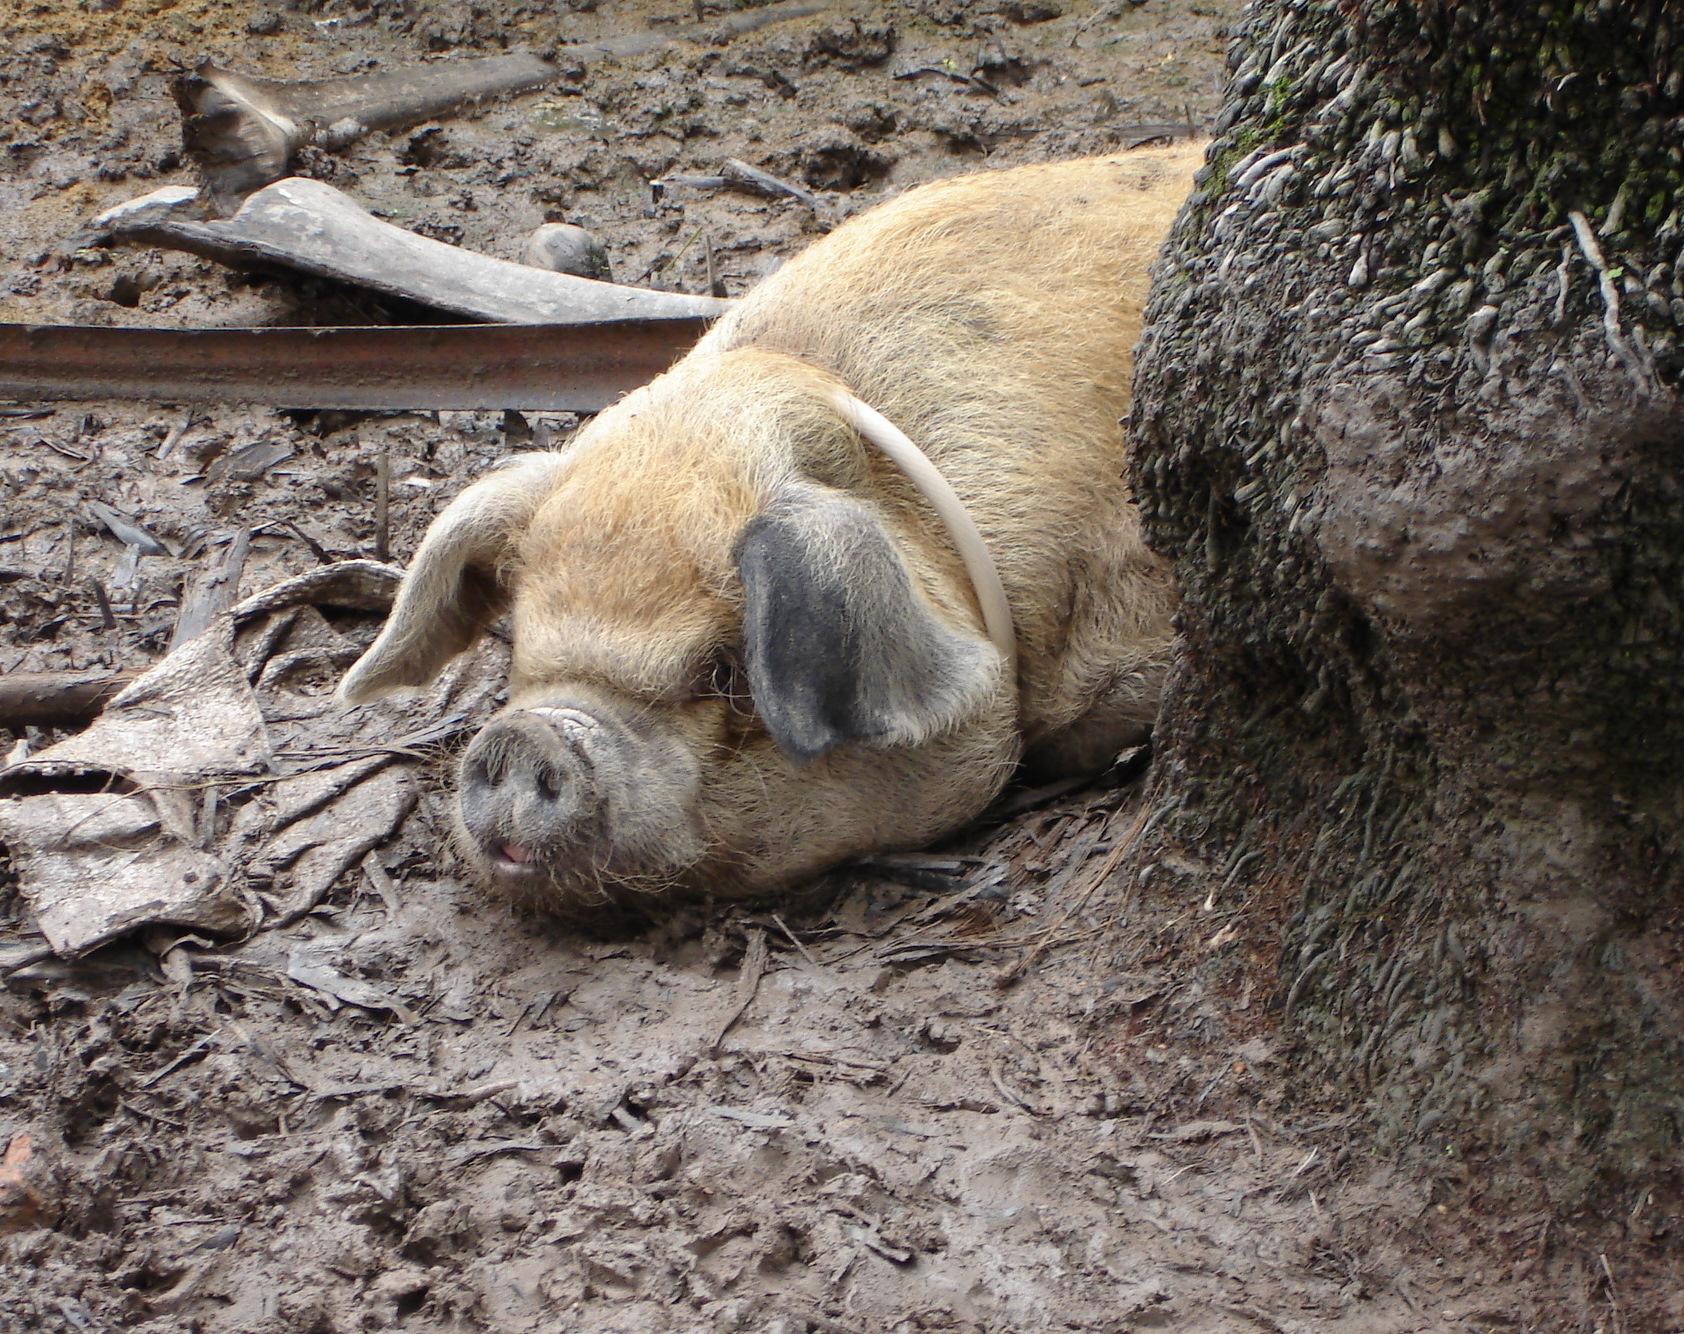 Happy as a pig...., Animal, Dirty, Farm, Hog, HQ Photo